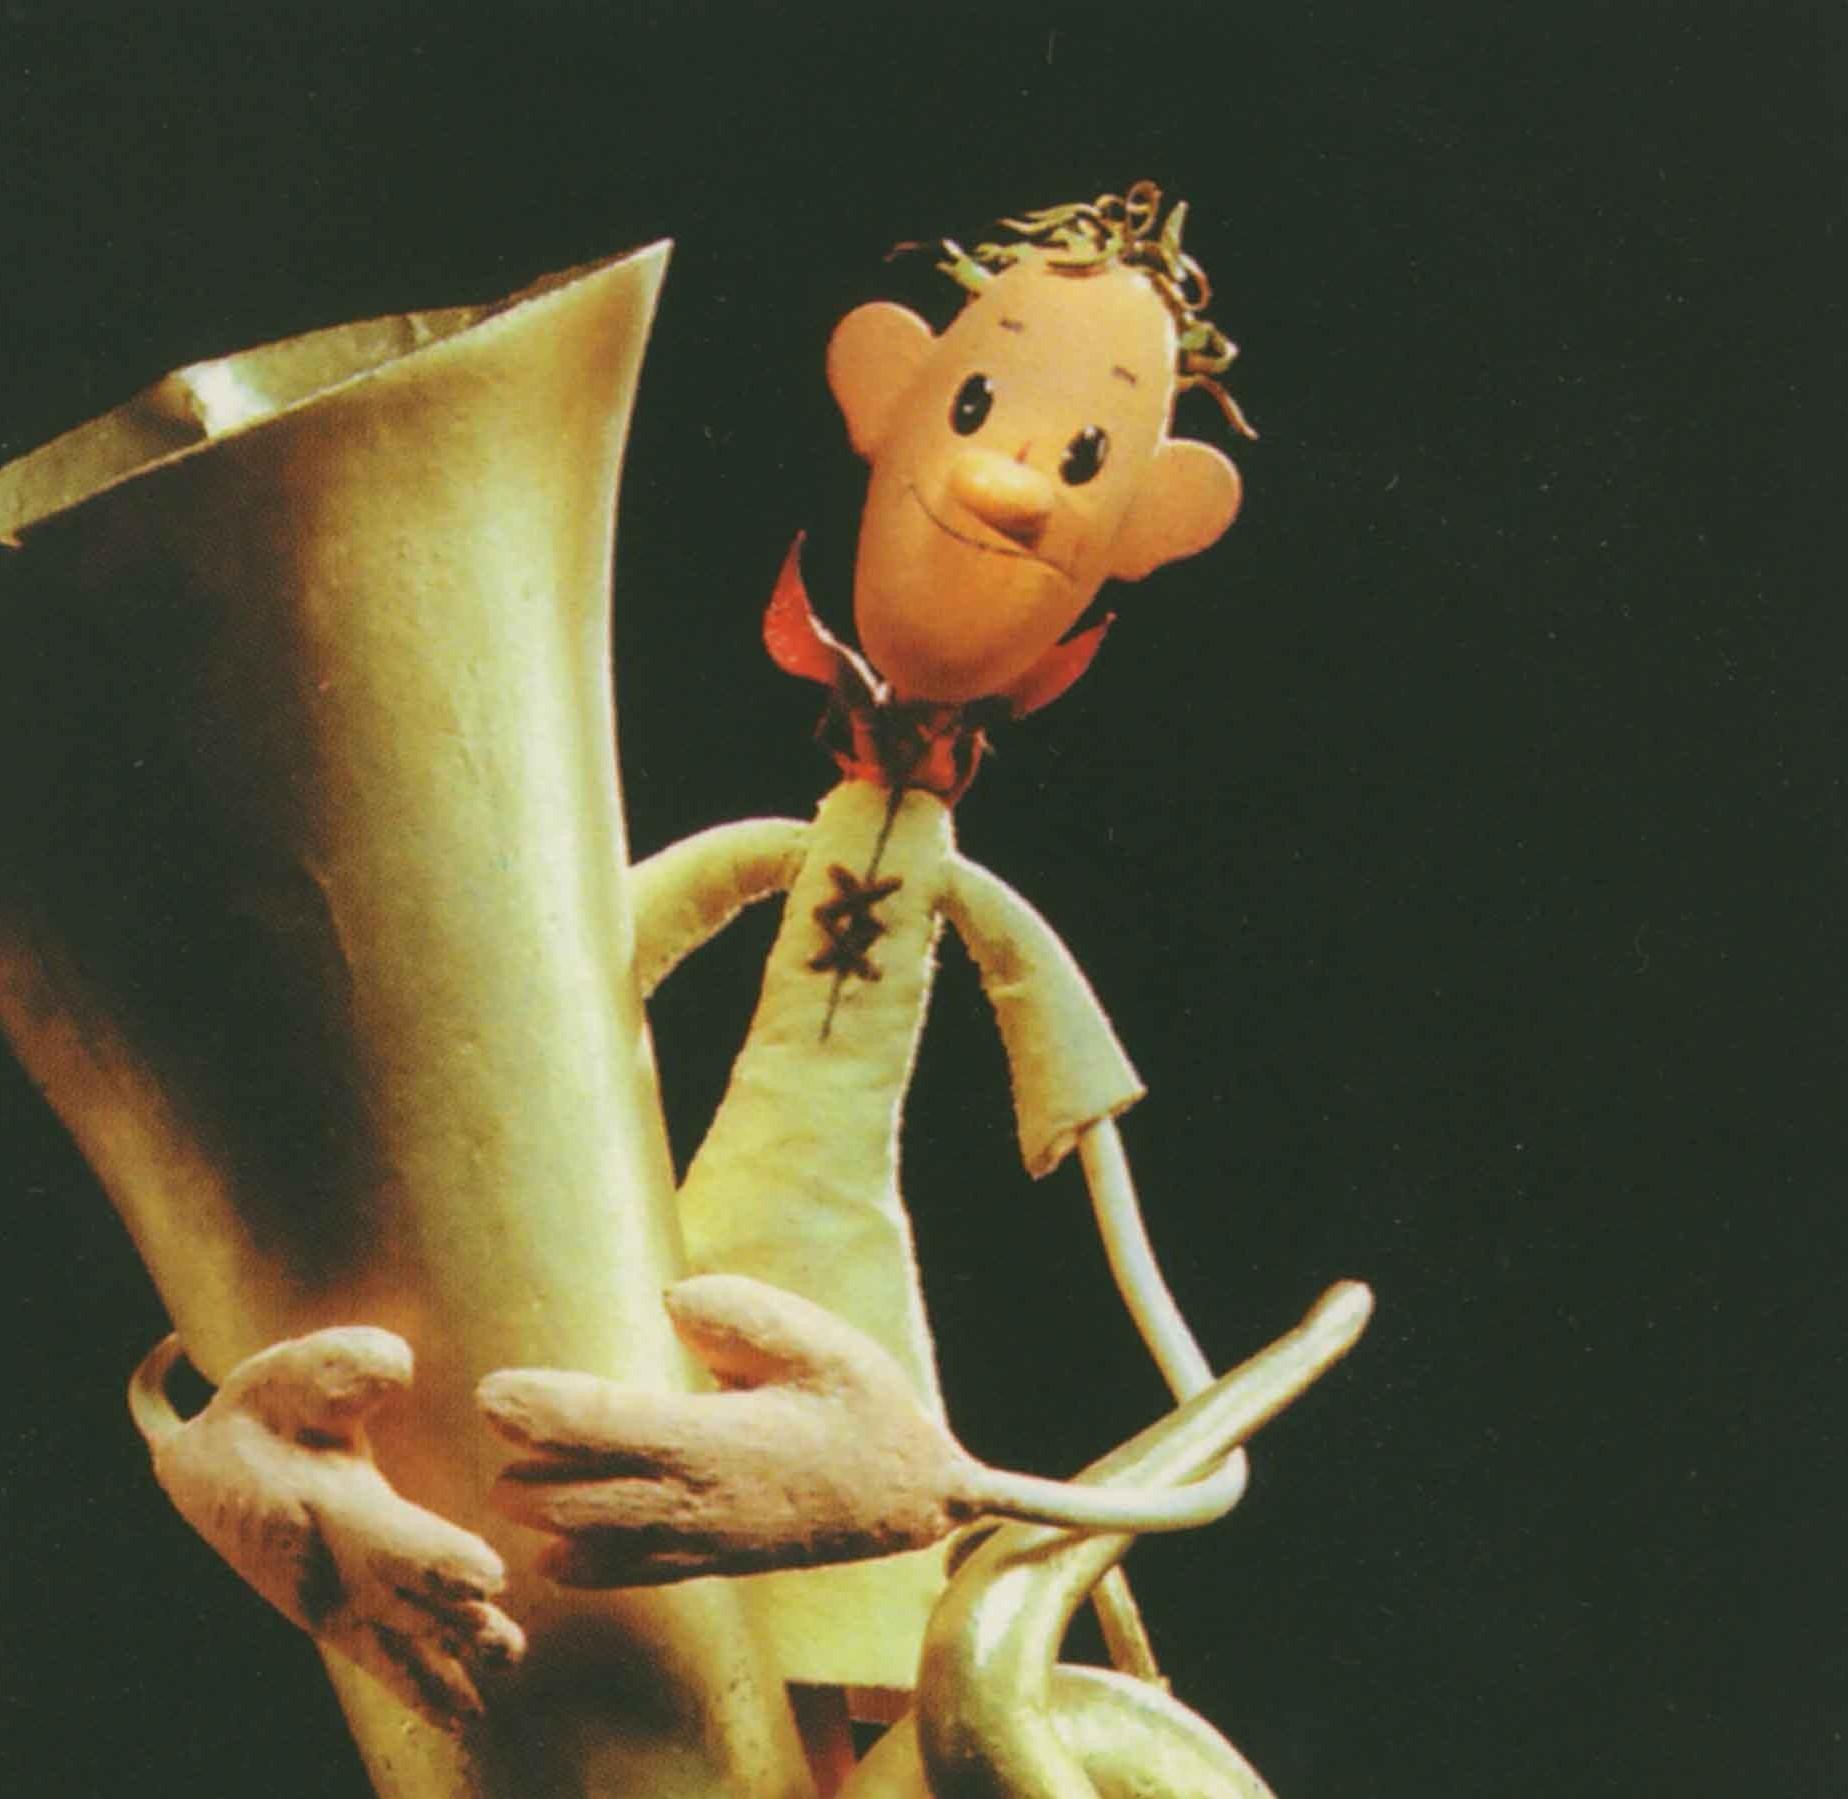 diaf_puppetinsfilm_anton-der-musikant